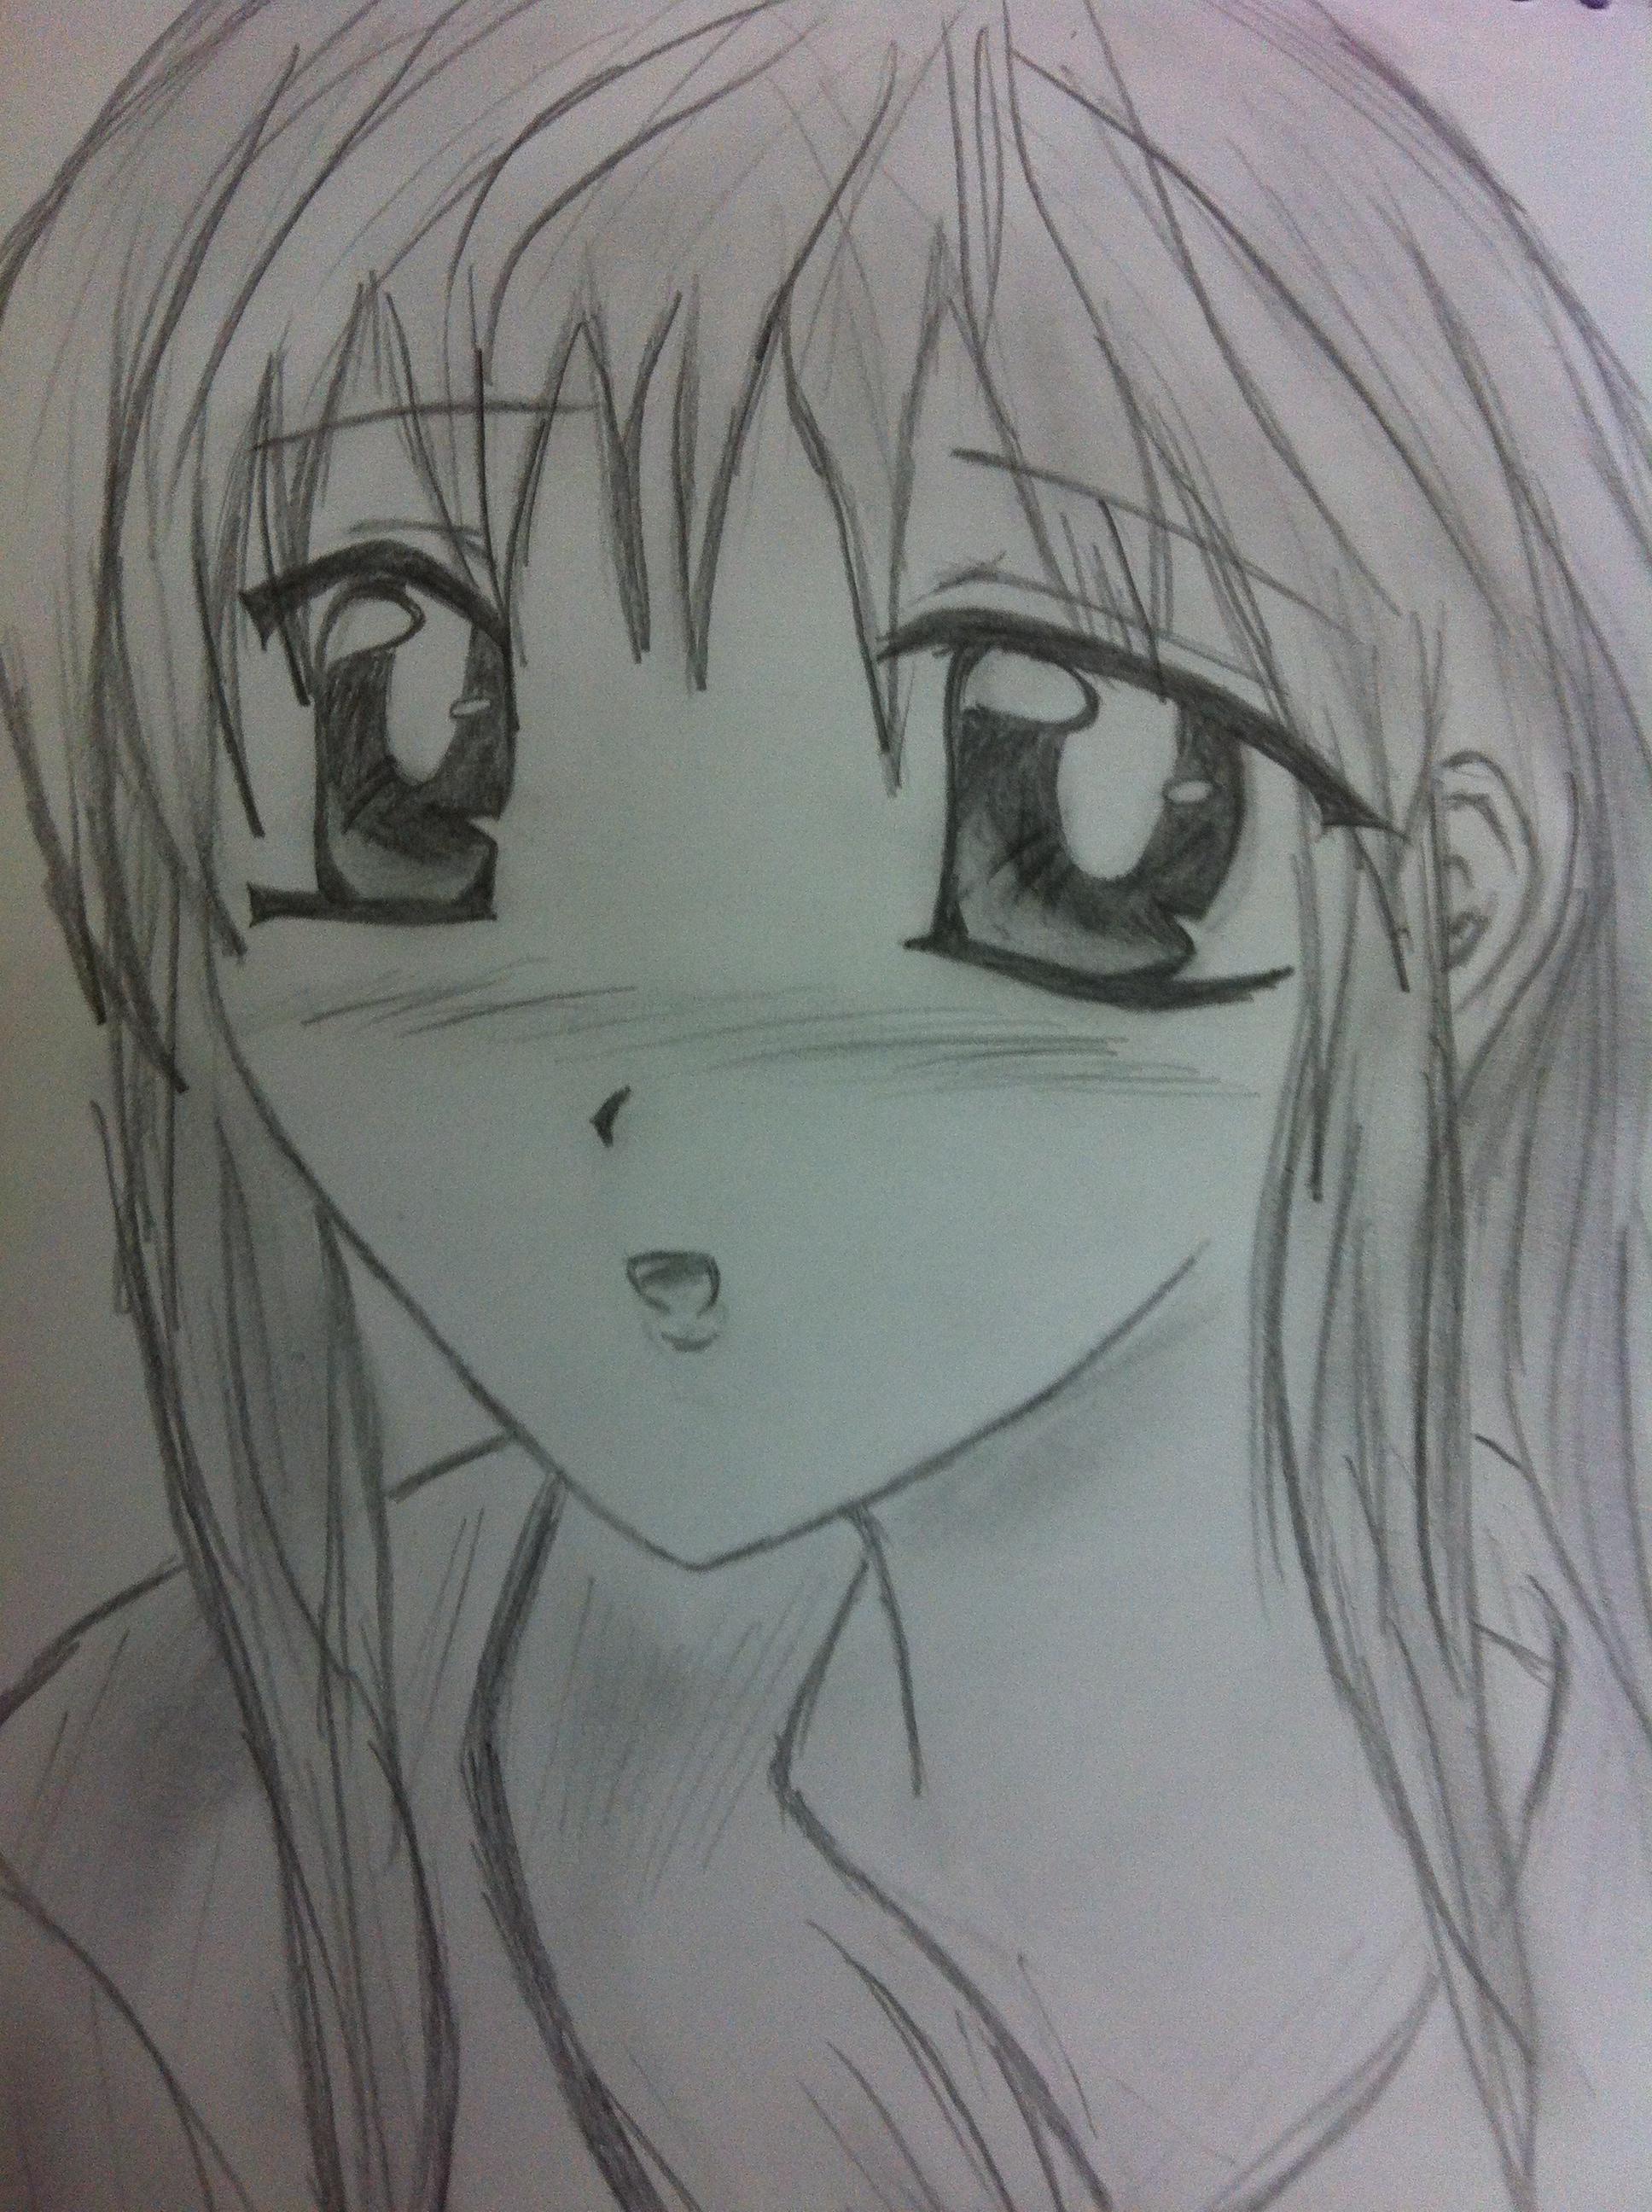 بالصور رسم انمي , اجمل صور لرسومات الانيمشن 3465 12